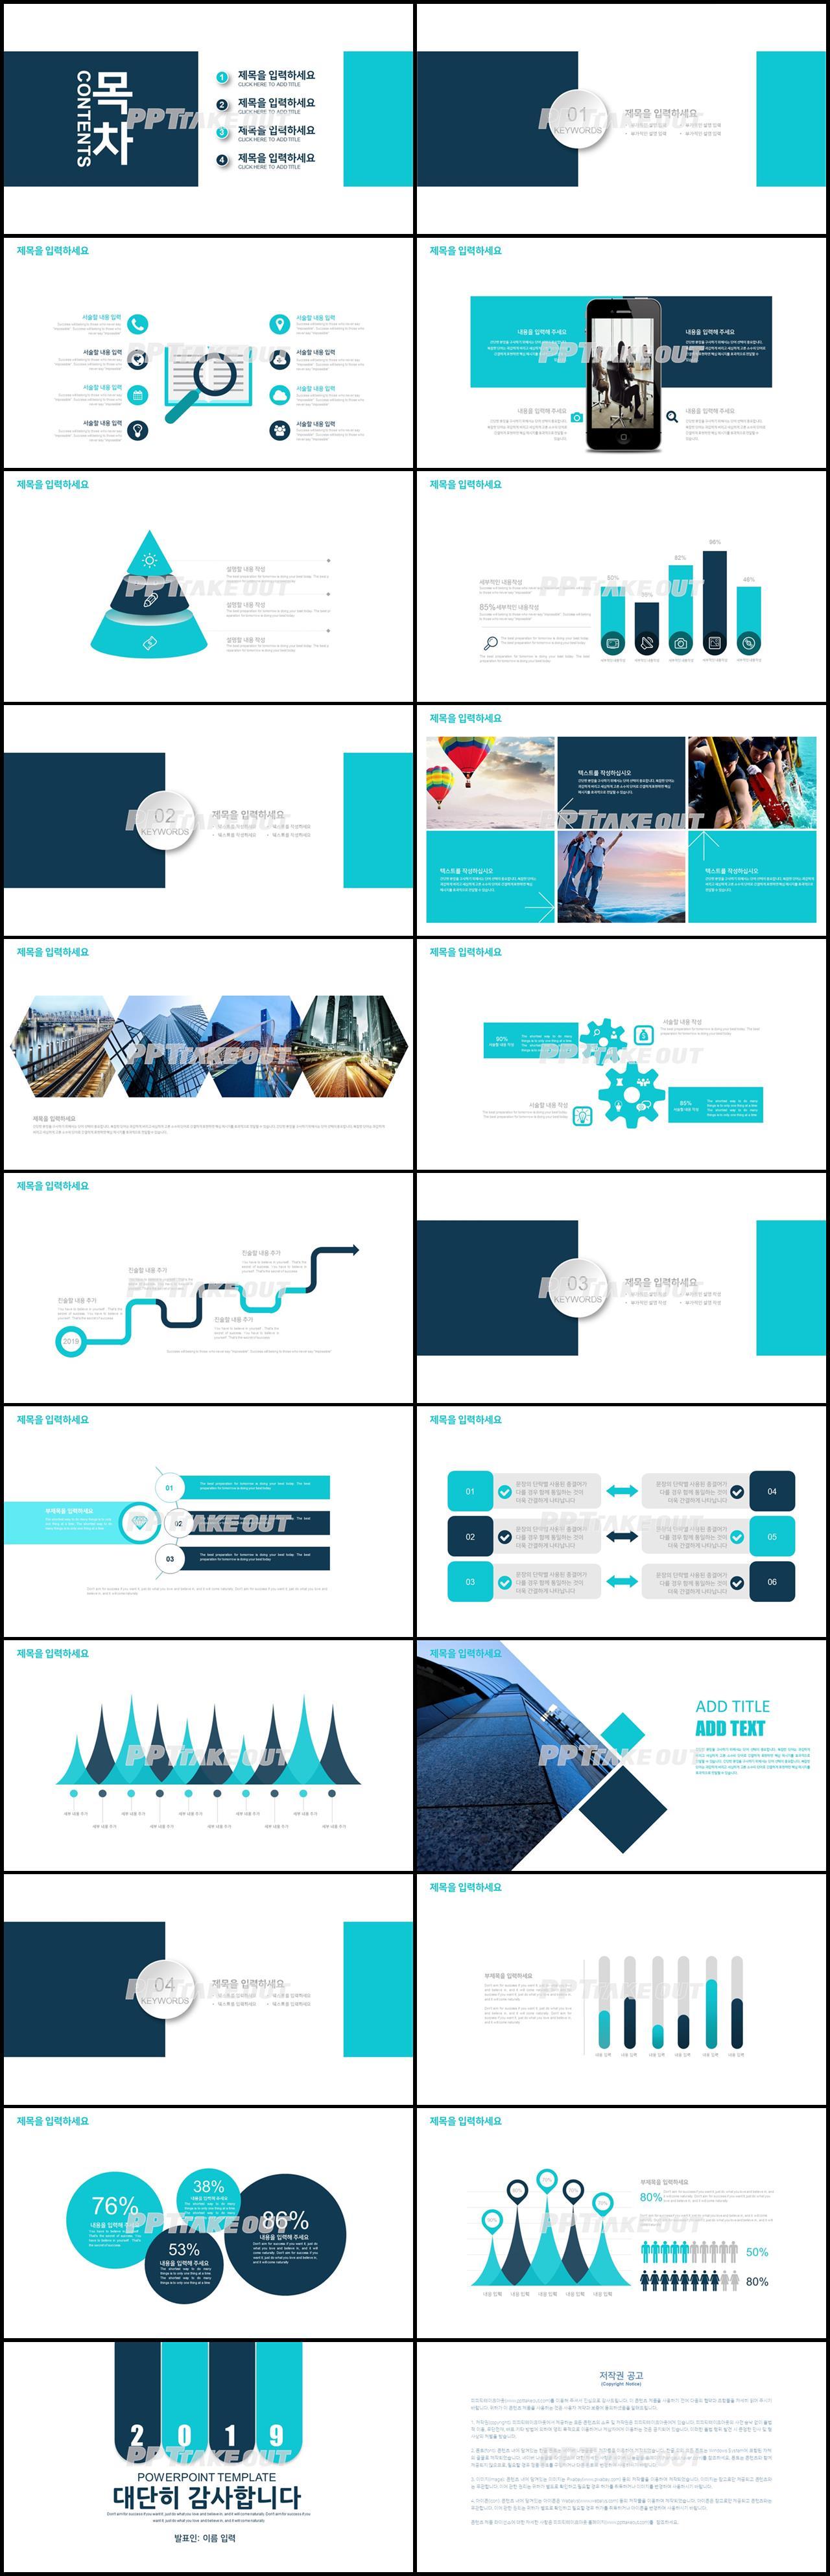 업무보고 파랑색 단출한 고급형 POWERPOINT샘플 디자인 상세보기